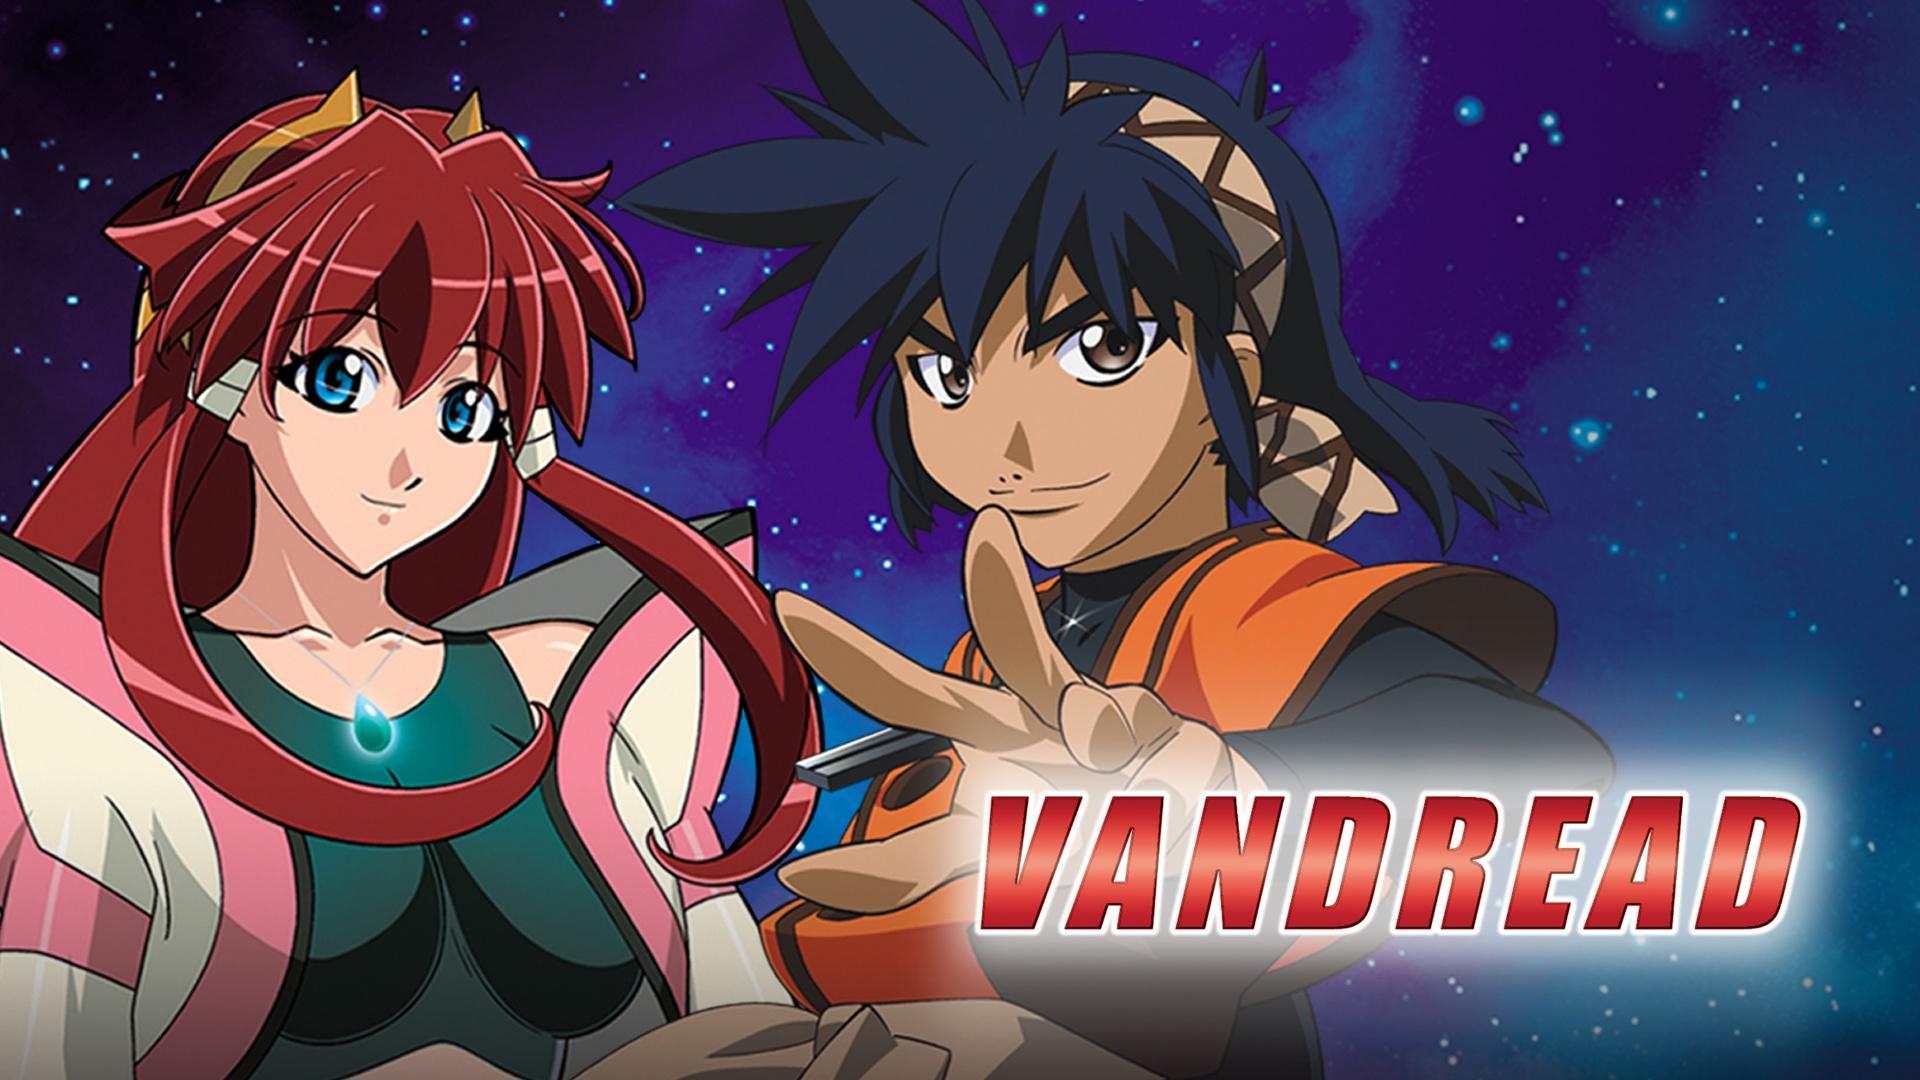 Vandread   DVDrip   Lat/Jap+Sub   13/13  MKV   x264 Vandread